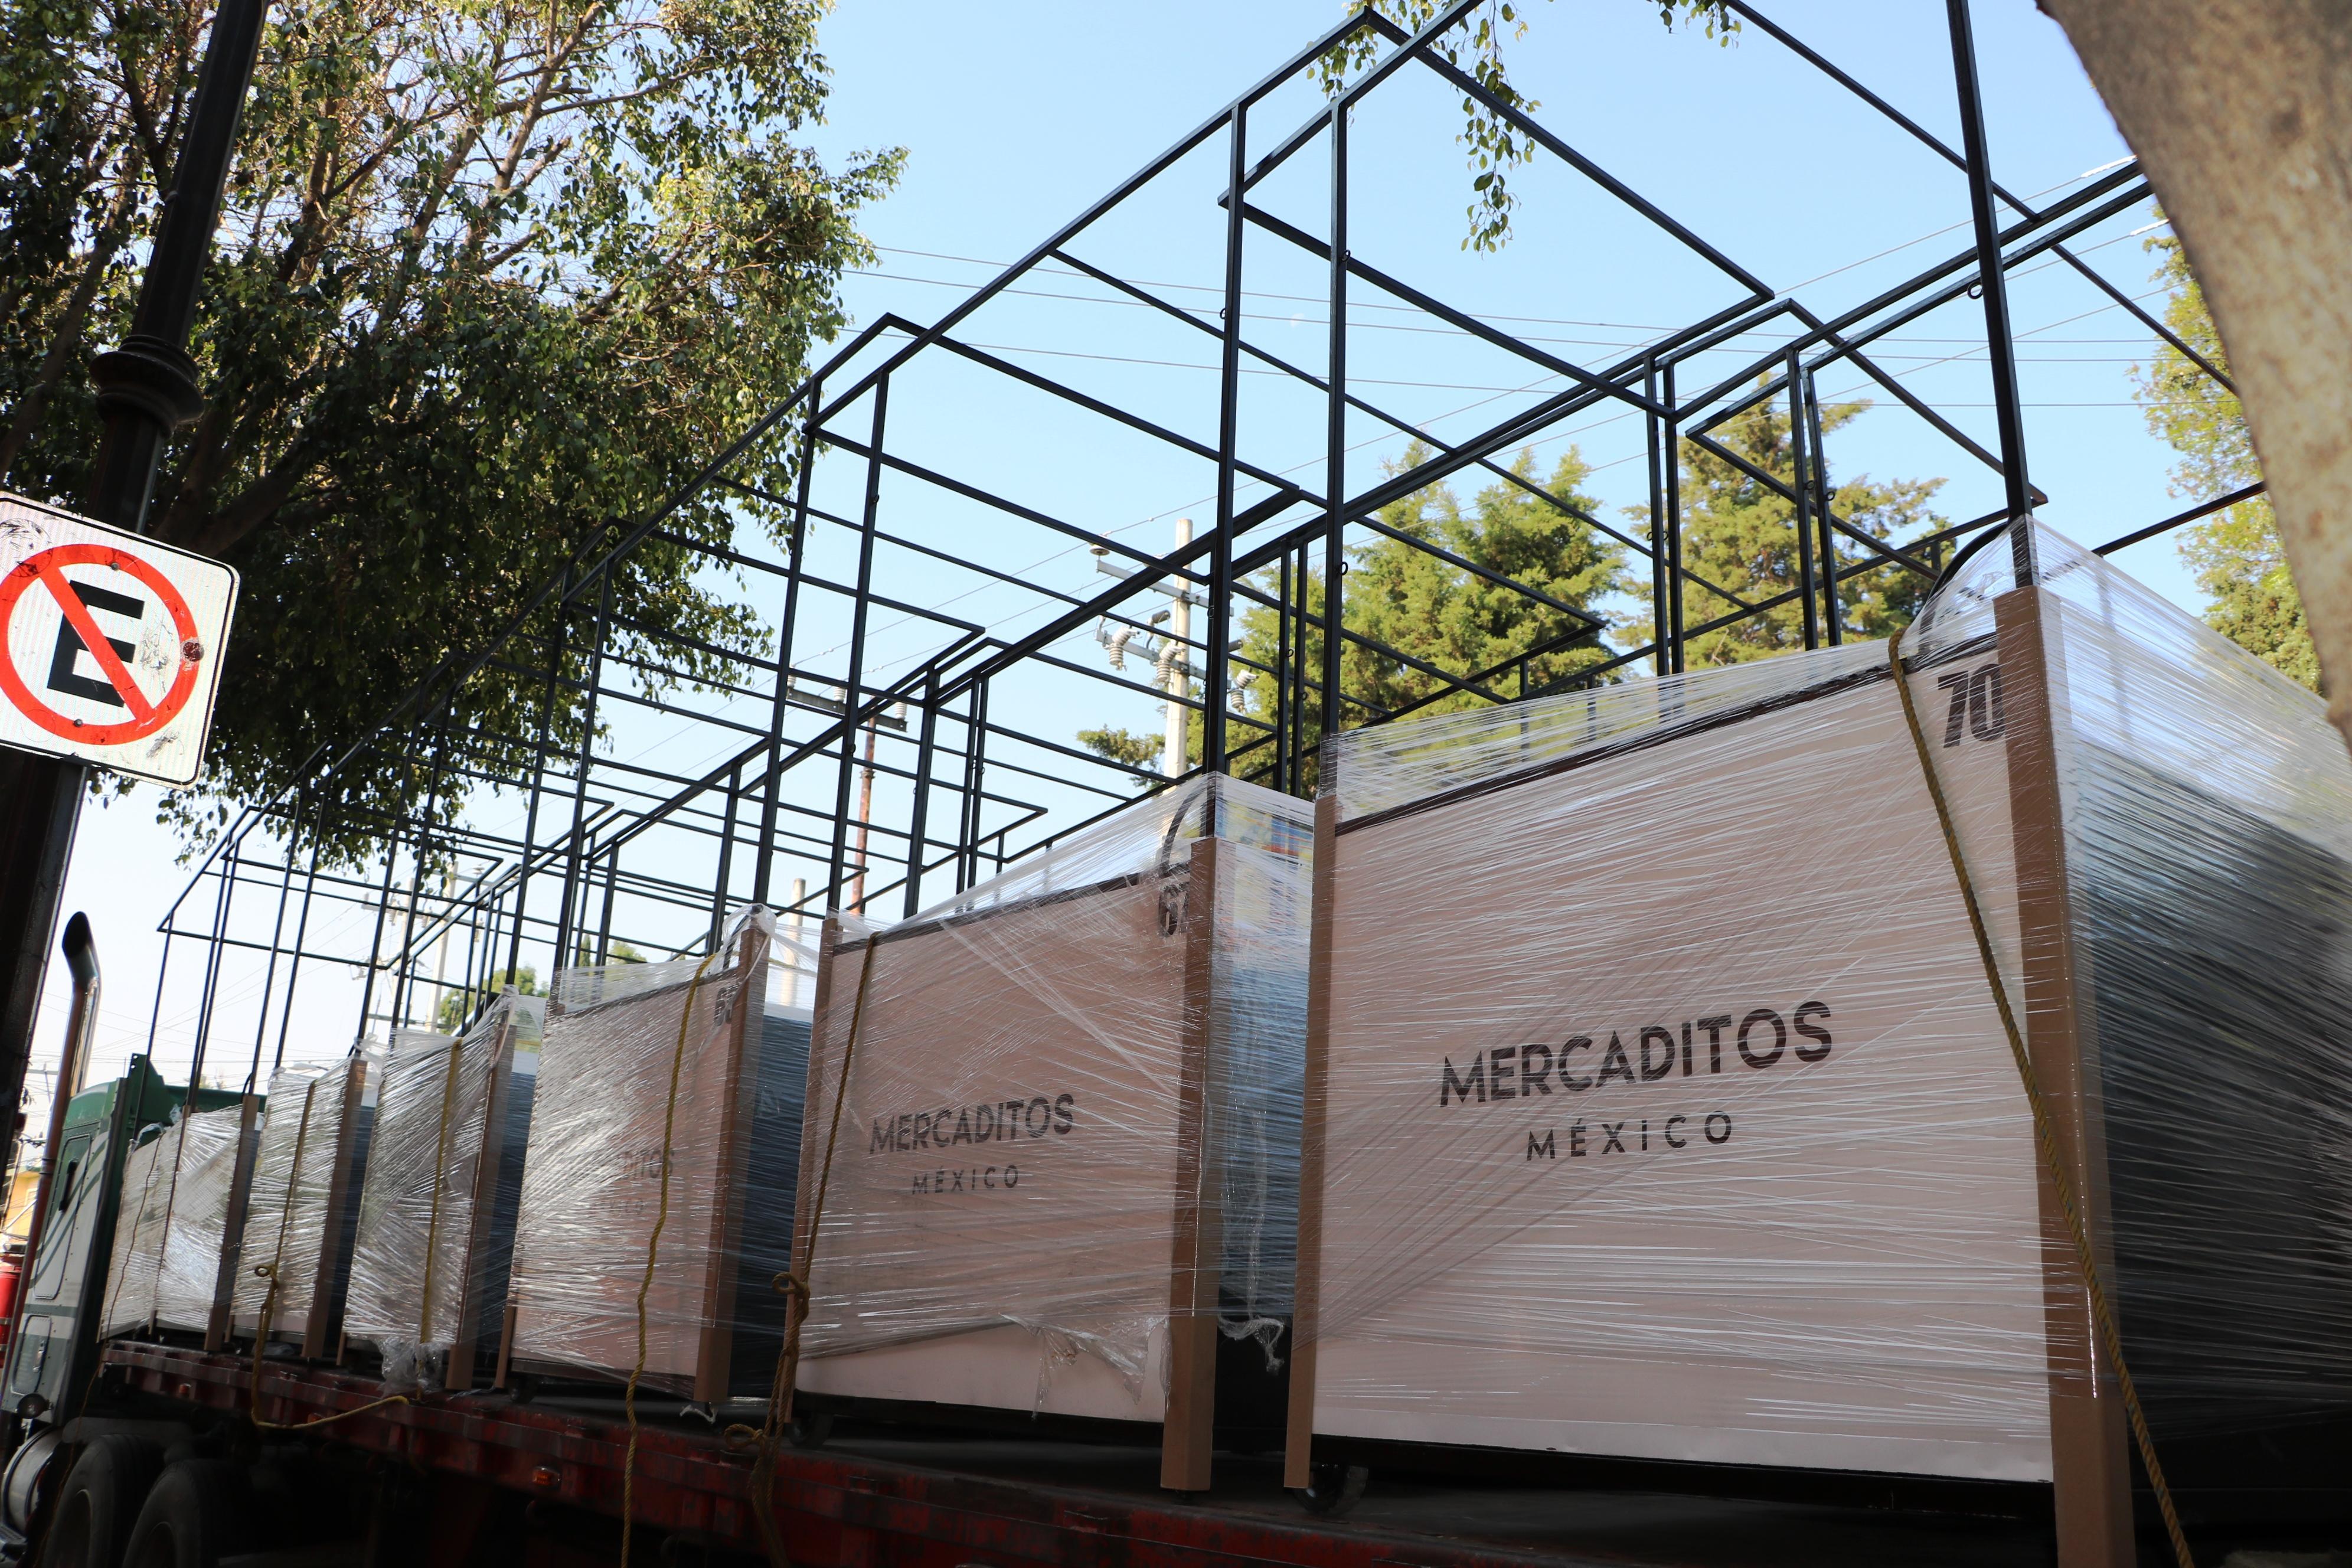 MERCADITOS MÉXICO, PROGRAMA EN BENEFICIO DE PRODUCTORES ARTESANALES EN XOCHIMILCO